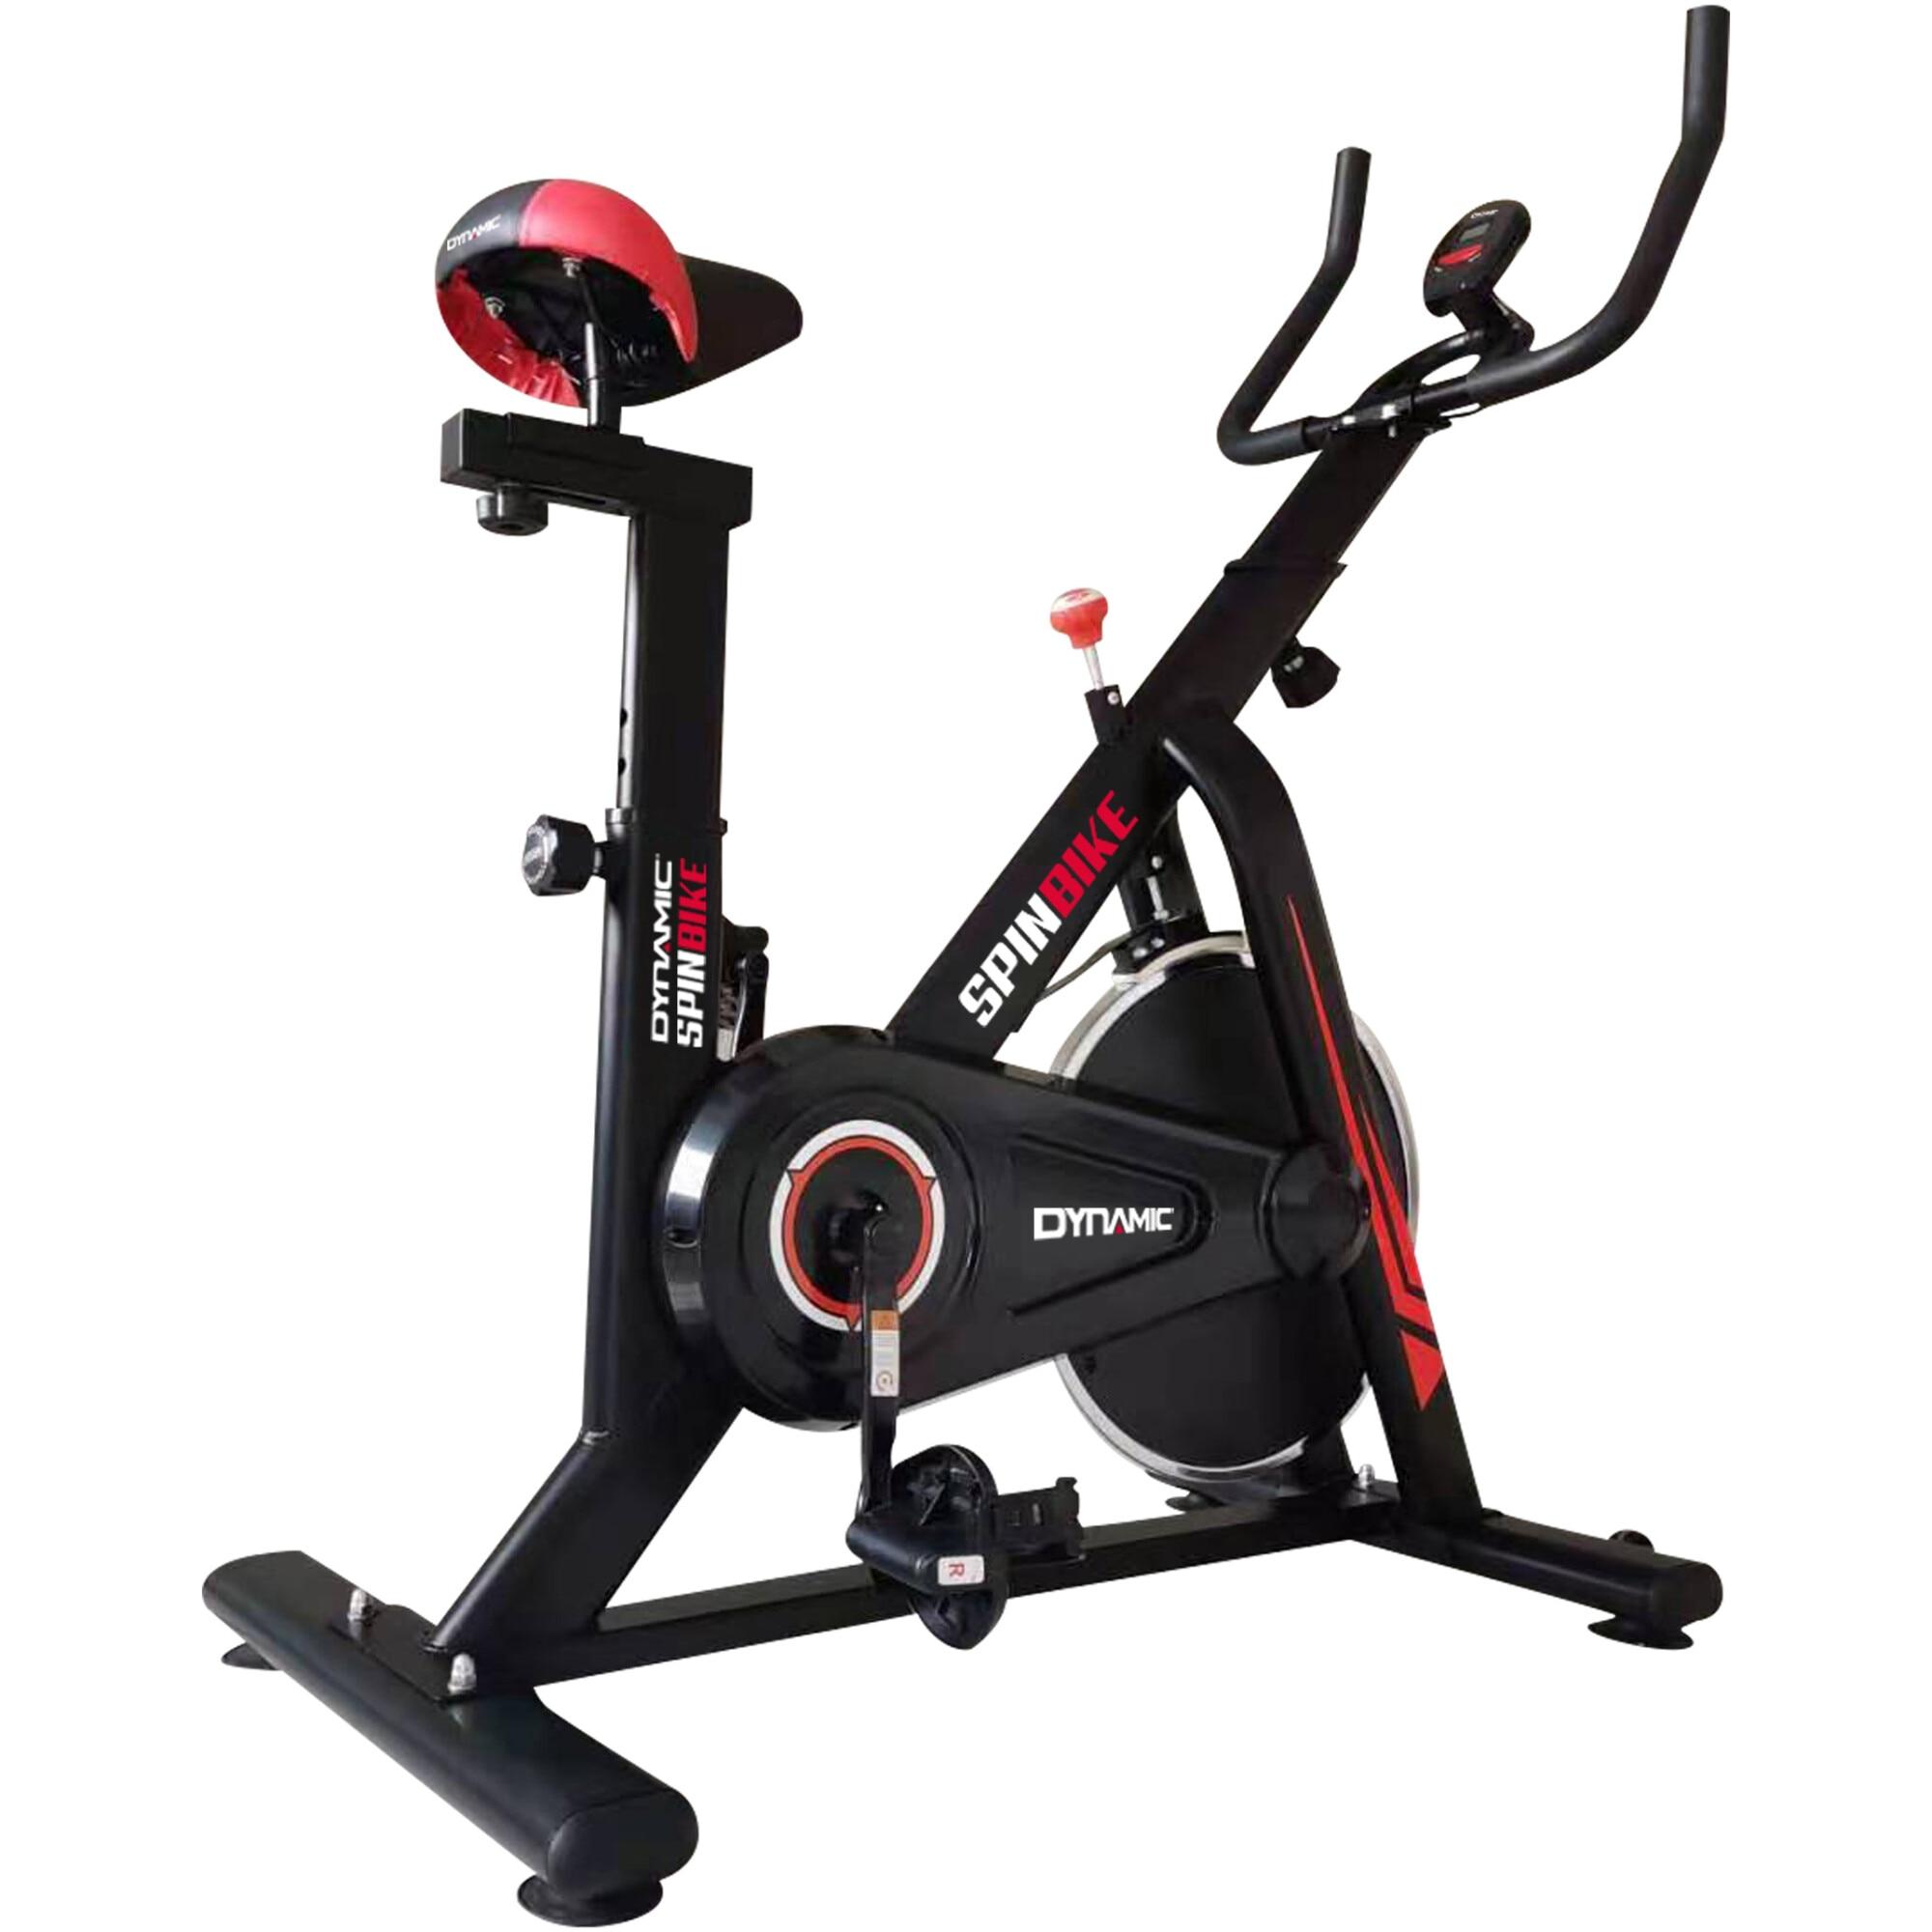 Fotografie Bicicleta spinning Dynamic, volanta 6 kg, culoare negru-rosu